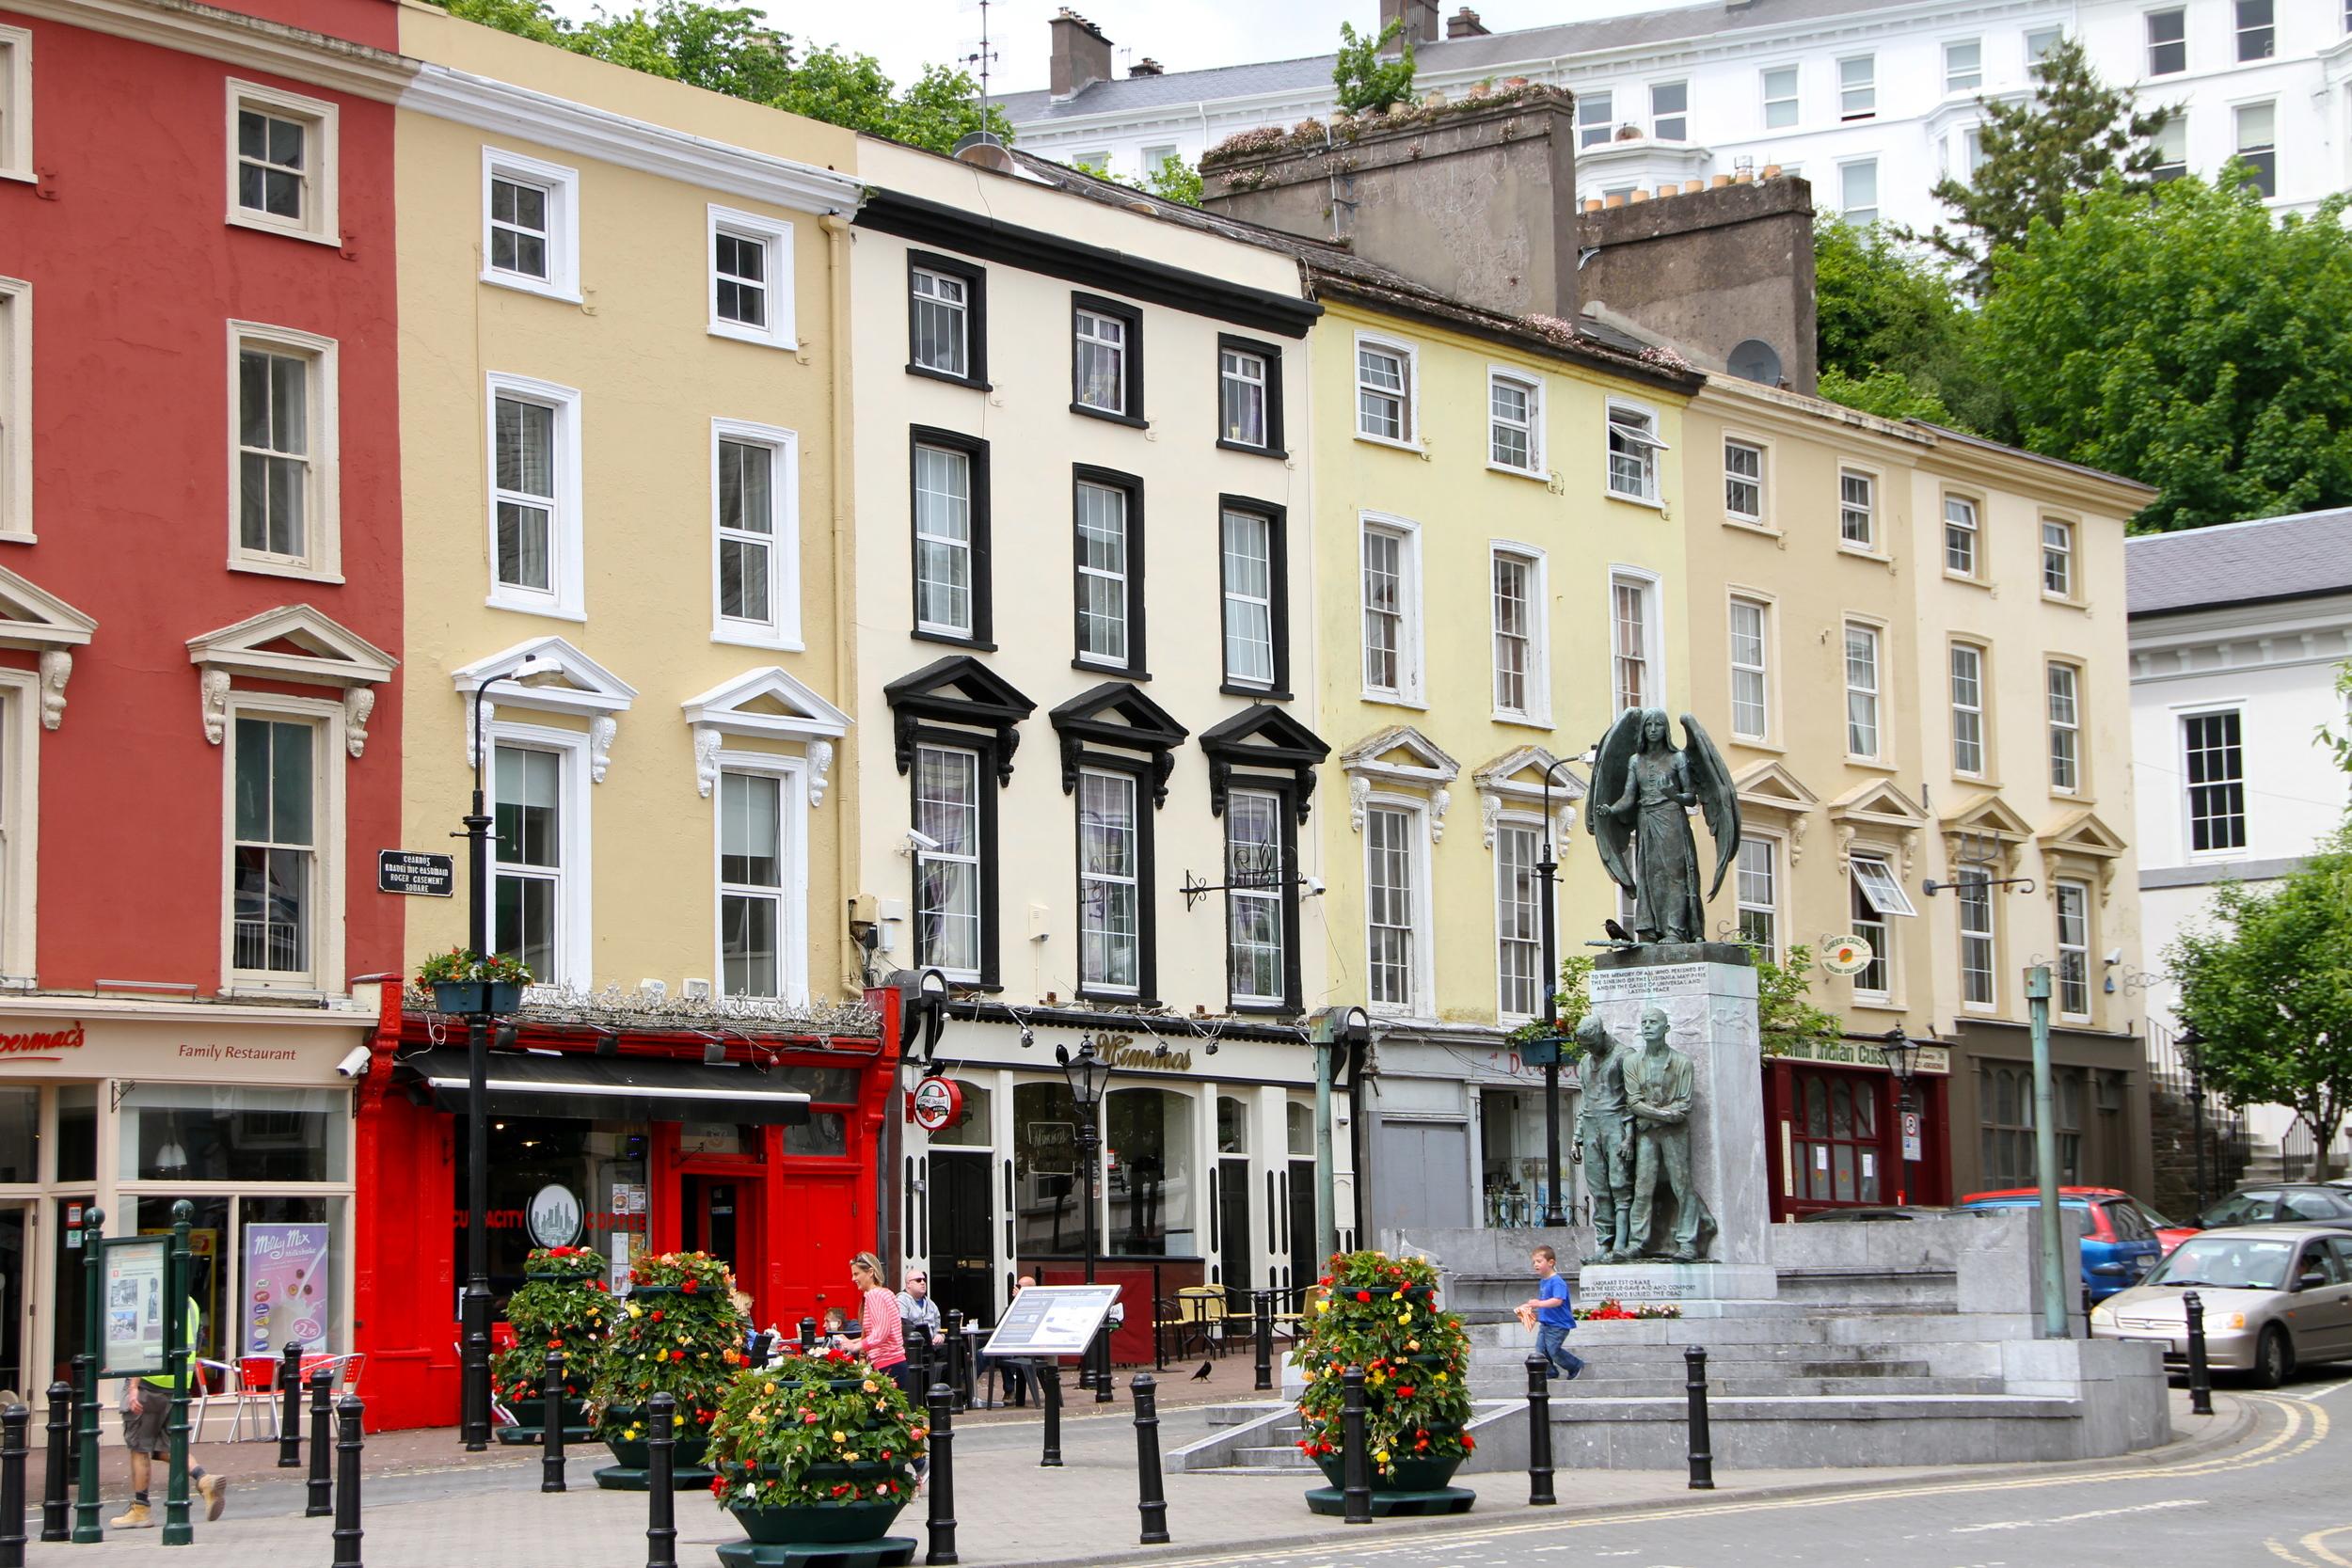 Cobh, Co. Cork, Ireland.